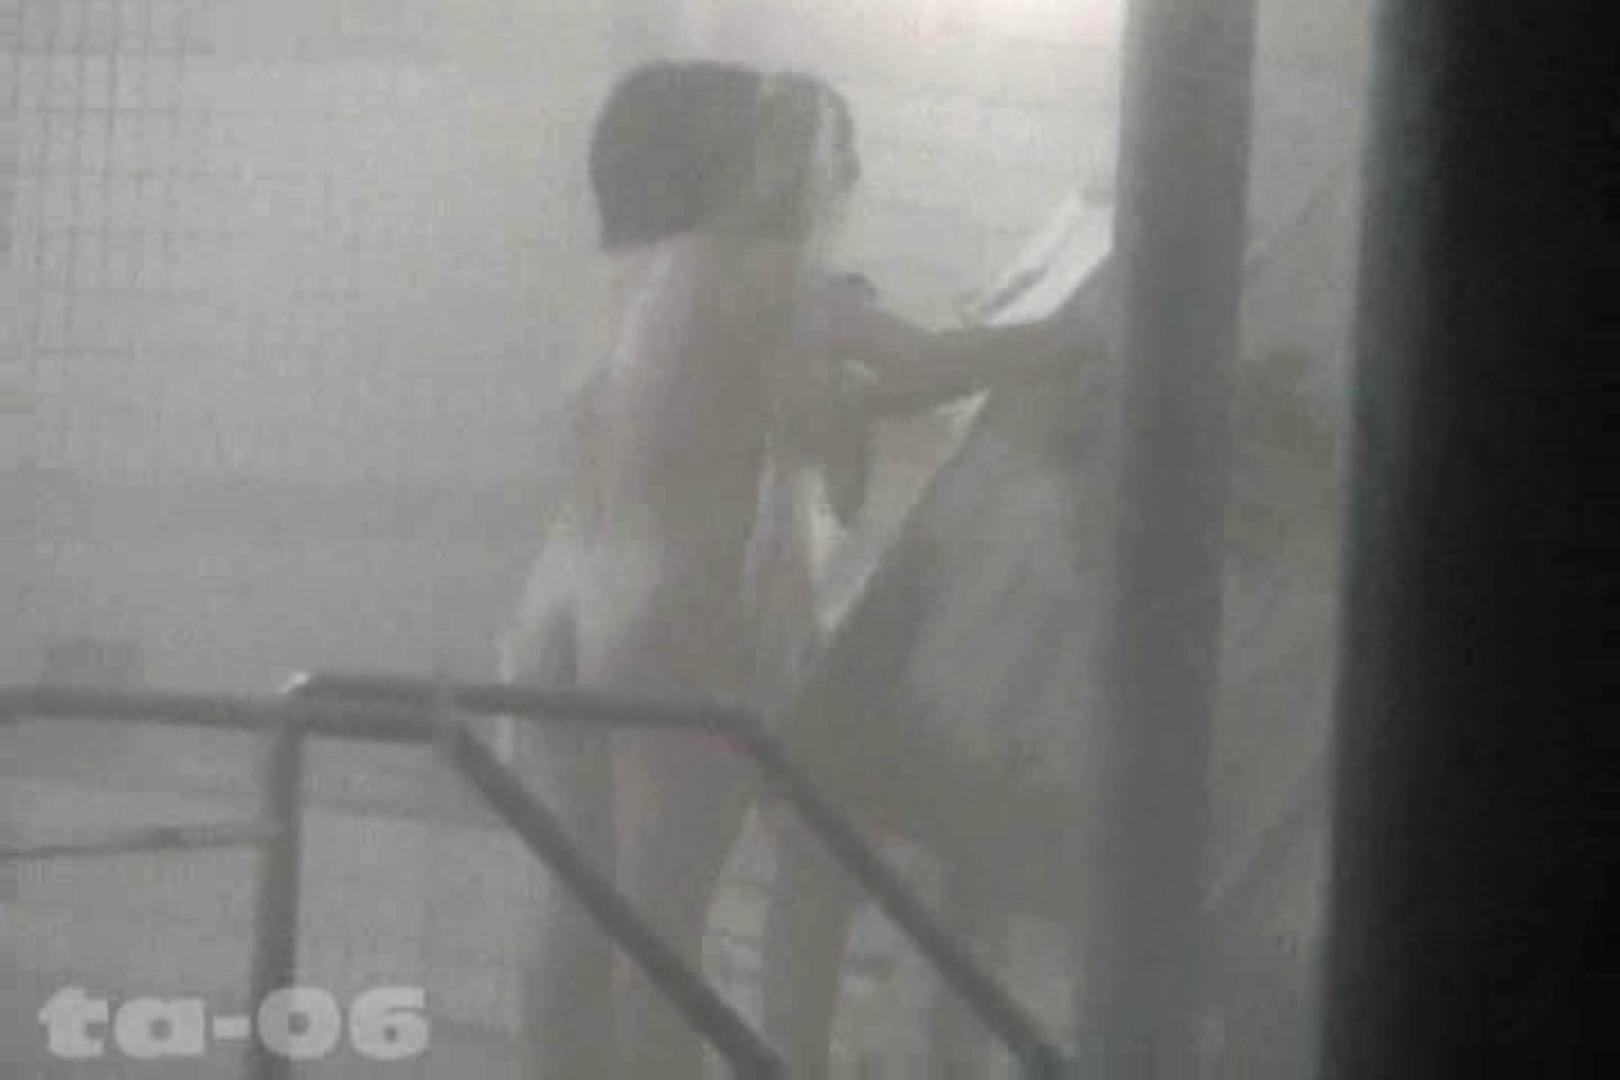 合宿ホテル女風呂盗撮高画質版 Vol.06 エッチすぎるOL達 セックス無修正動画無料 107連発 2